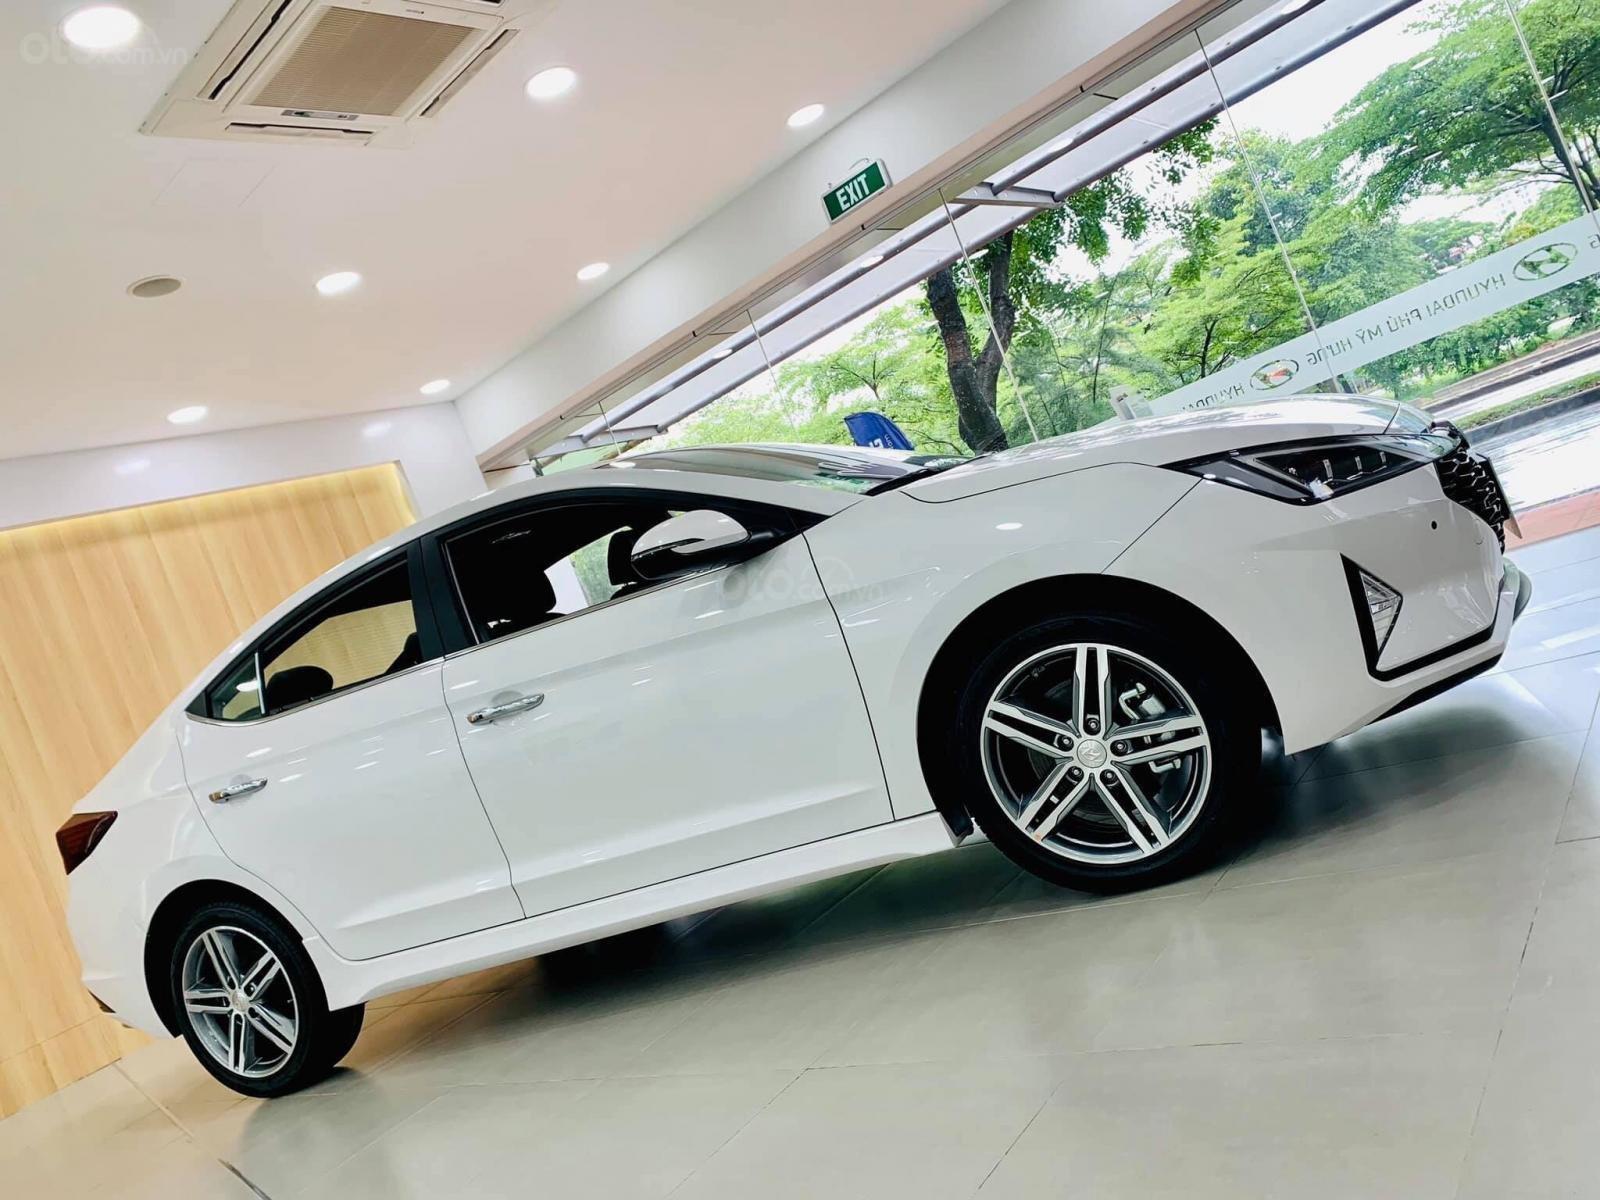 Hyundai Elantra giá cực tốt, nhiều khuyến mãi và quà tặng, hỗ trợ ngân hàng 80% giá xe (6)